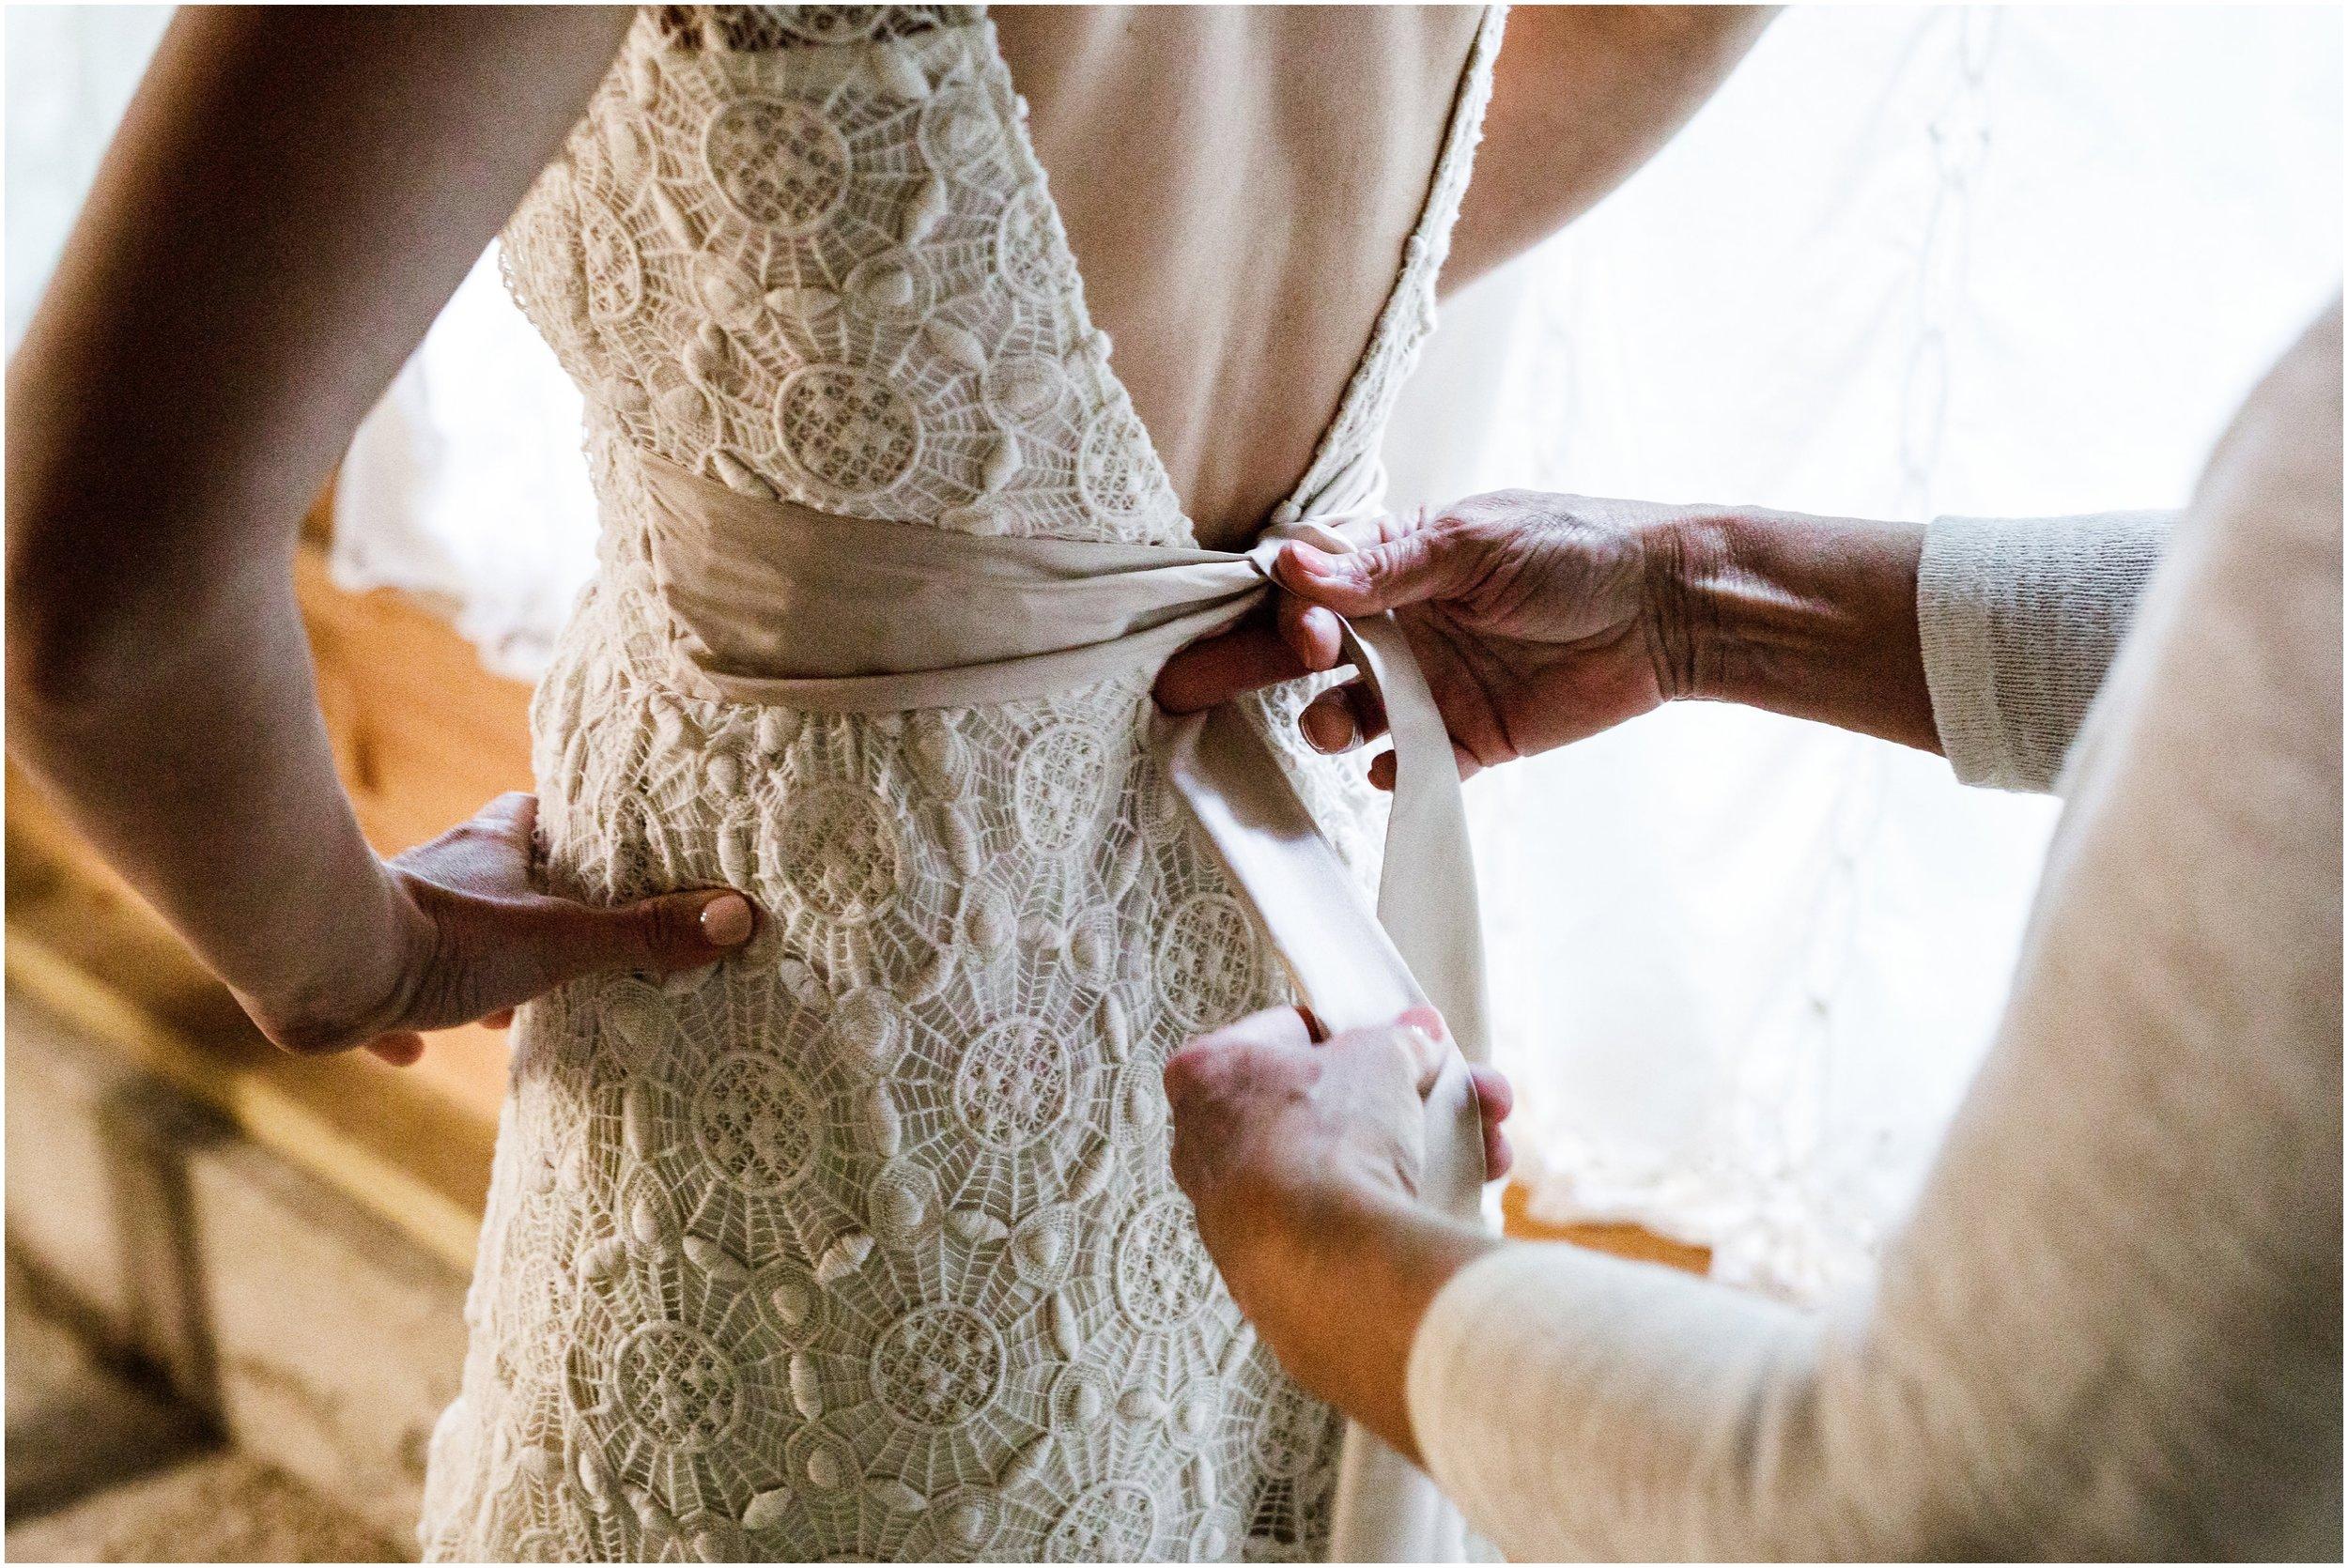 wedding dress sash being tied